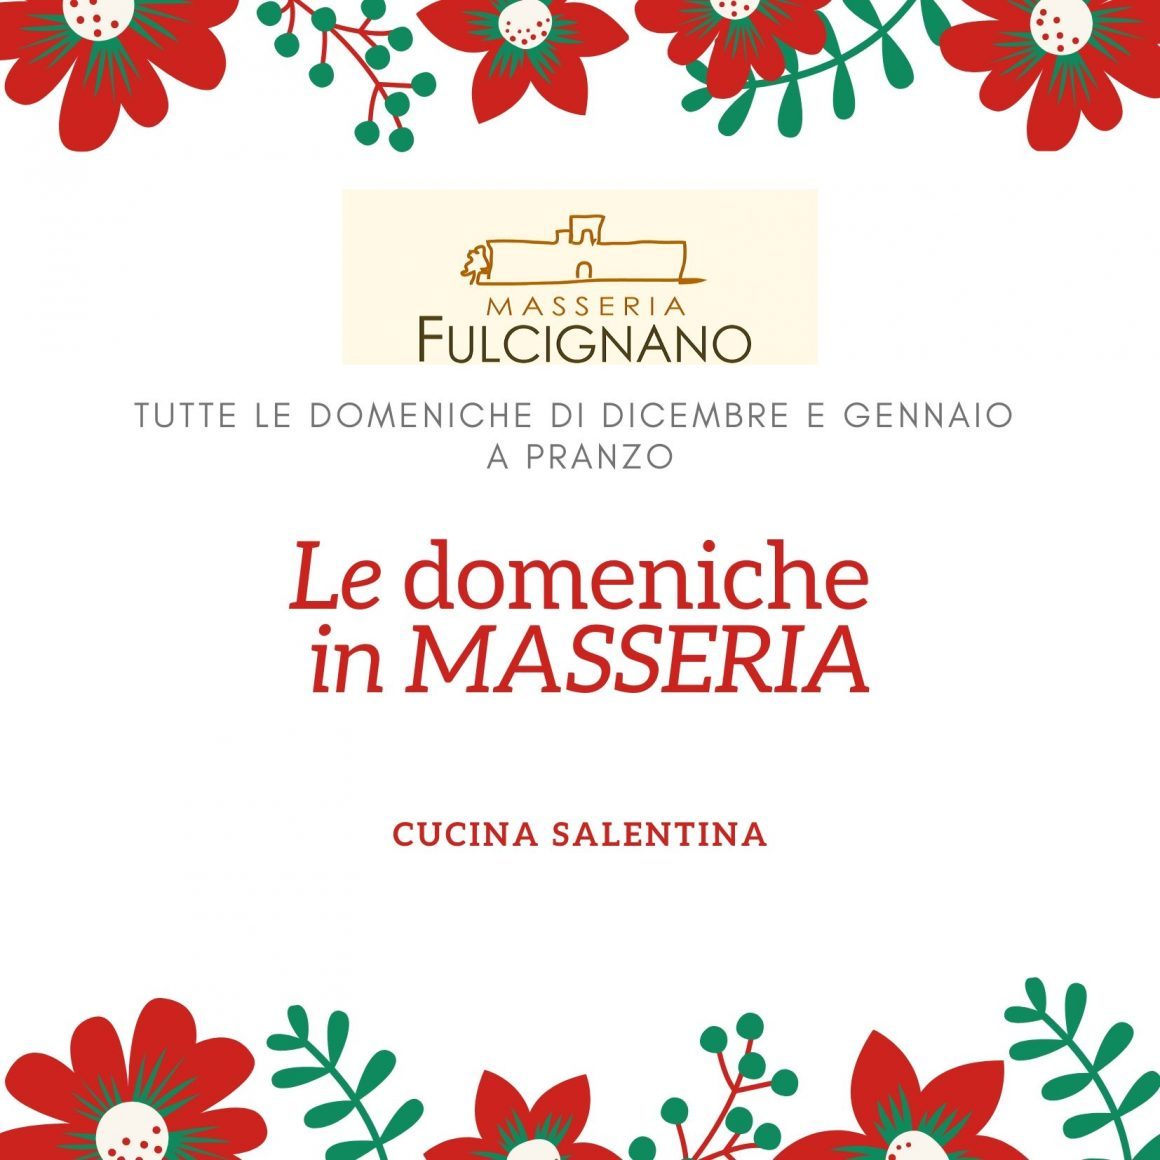 Le domeniche in Masseria